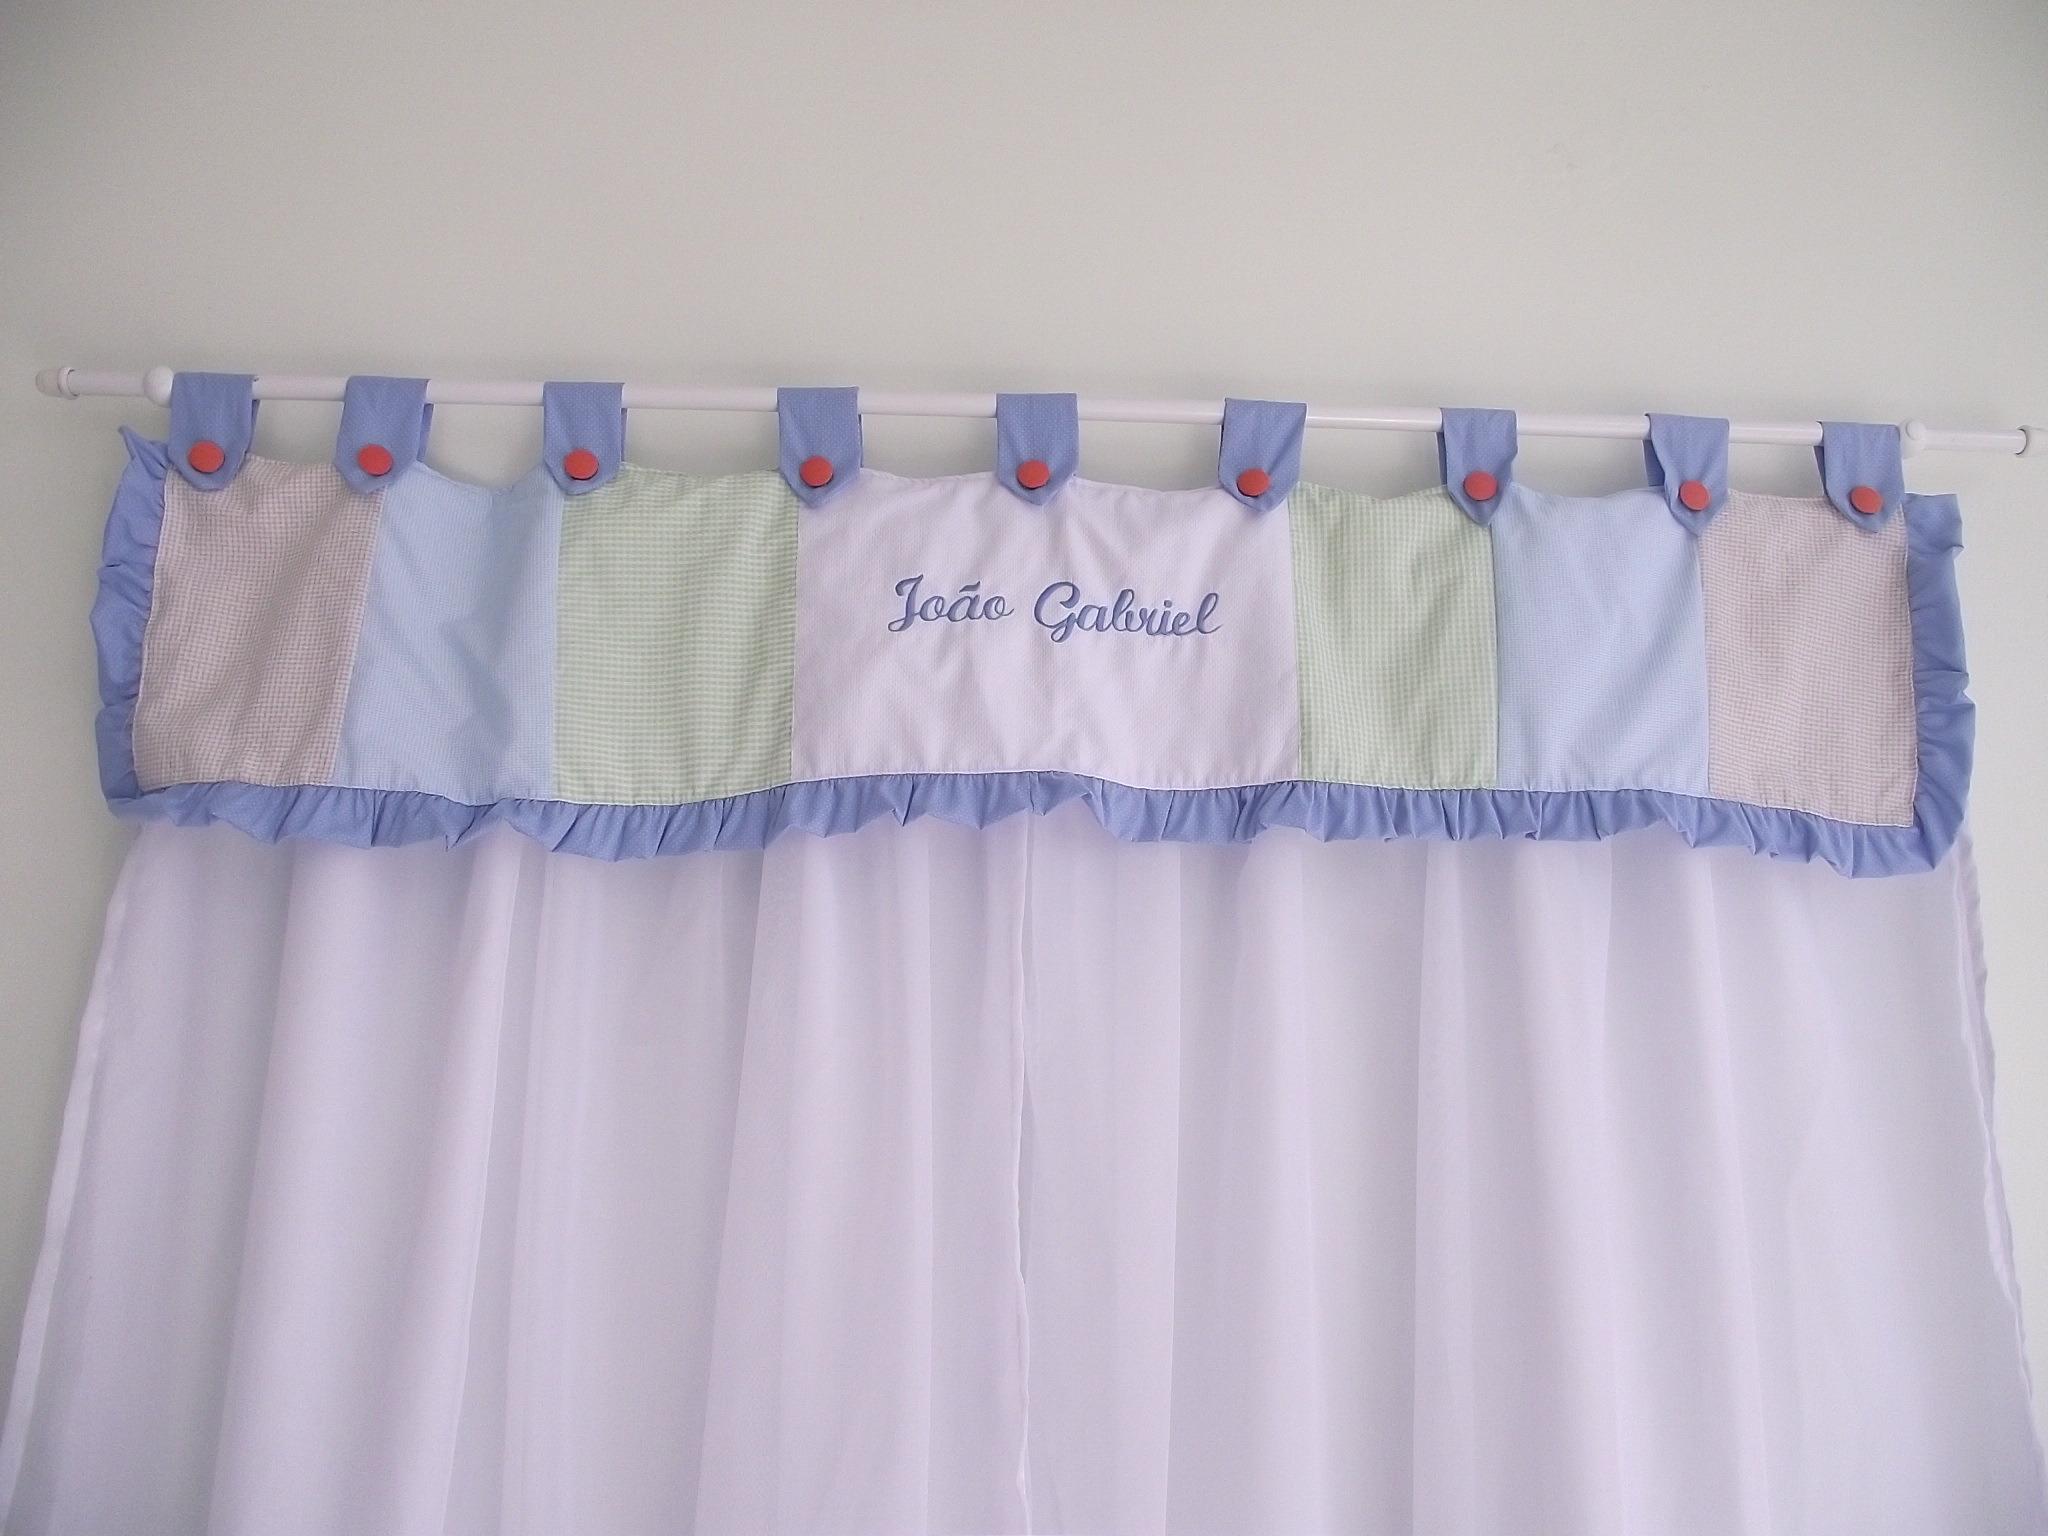 Cortina para quarto beb personalizada sonho de beb - Cortinas para bebe ...